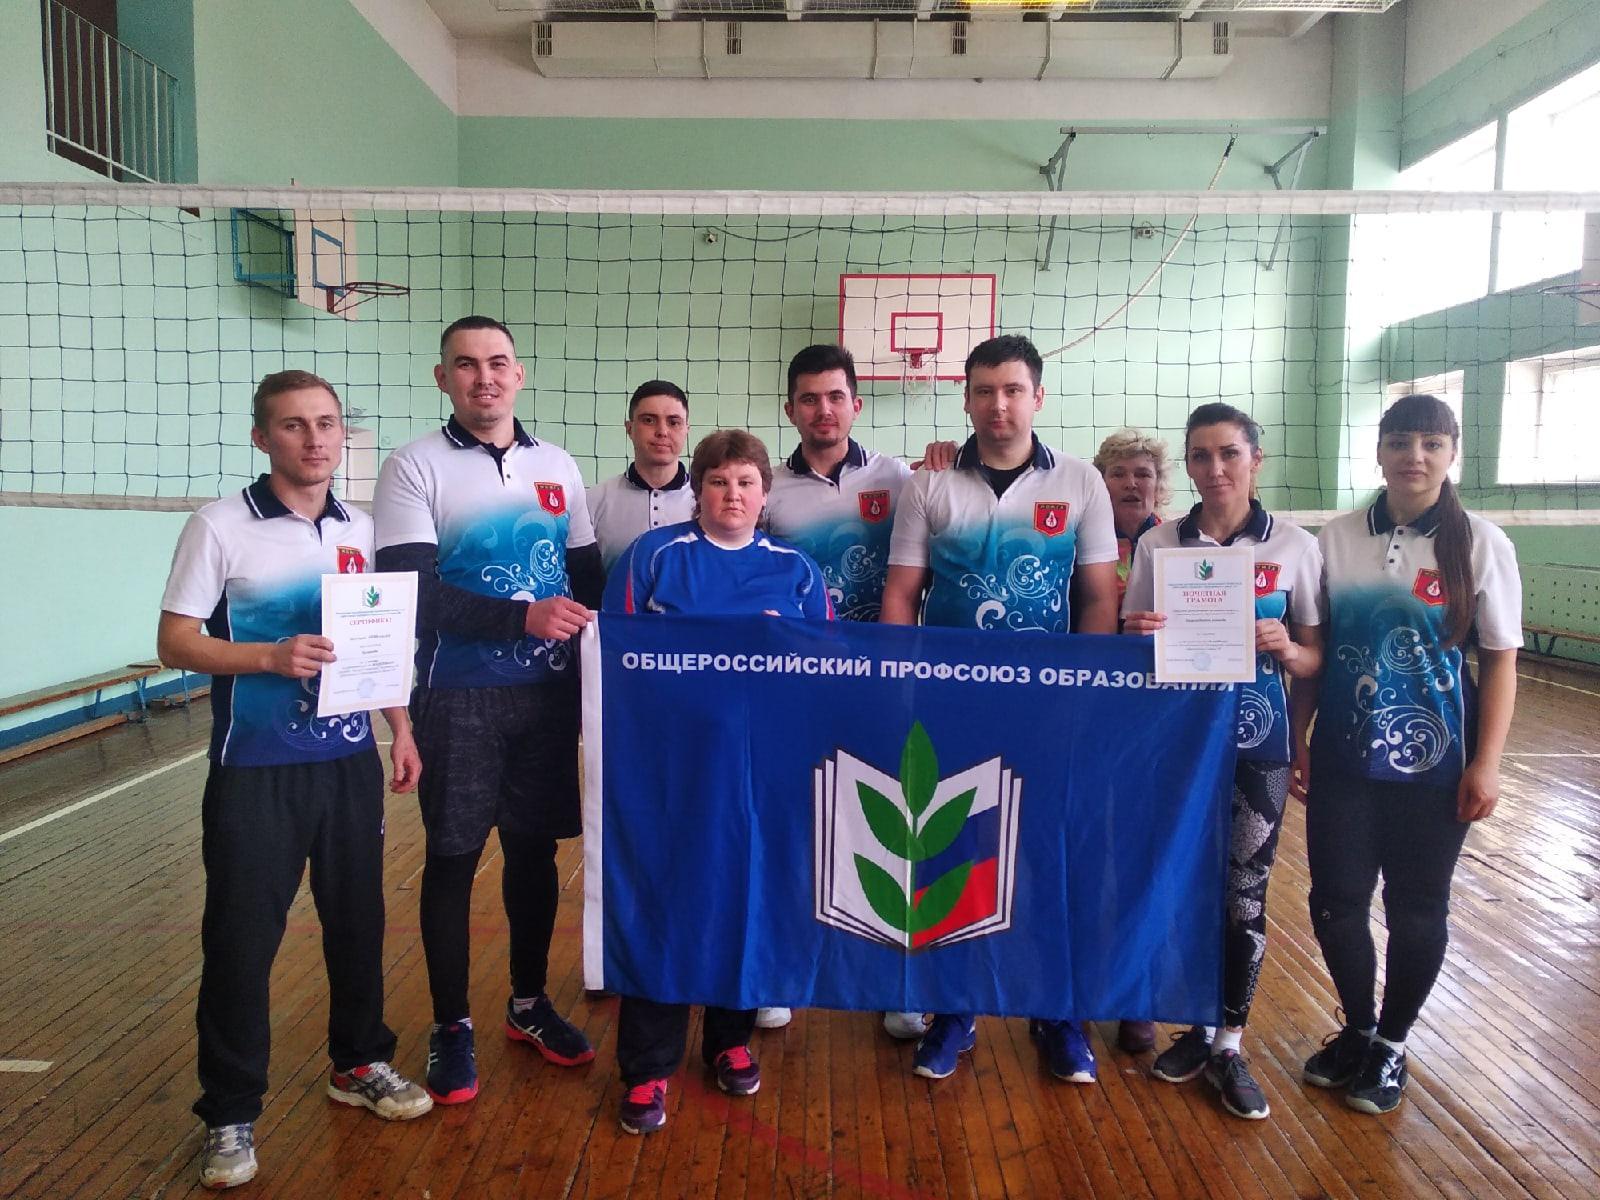 🥇Команда педагогов из Можги взяла золото в республиканских соревнованиях по волейболу